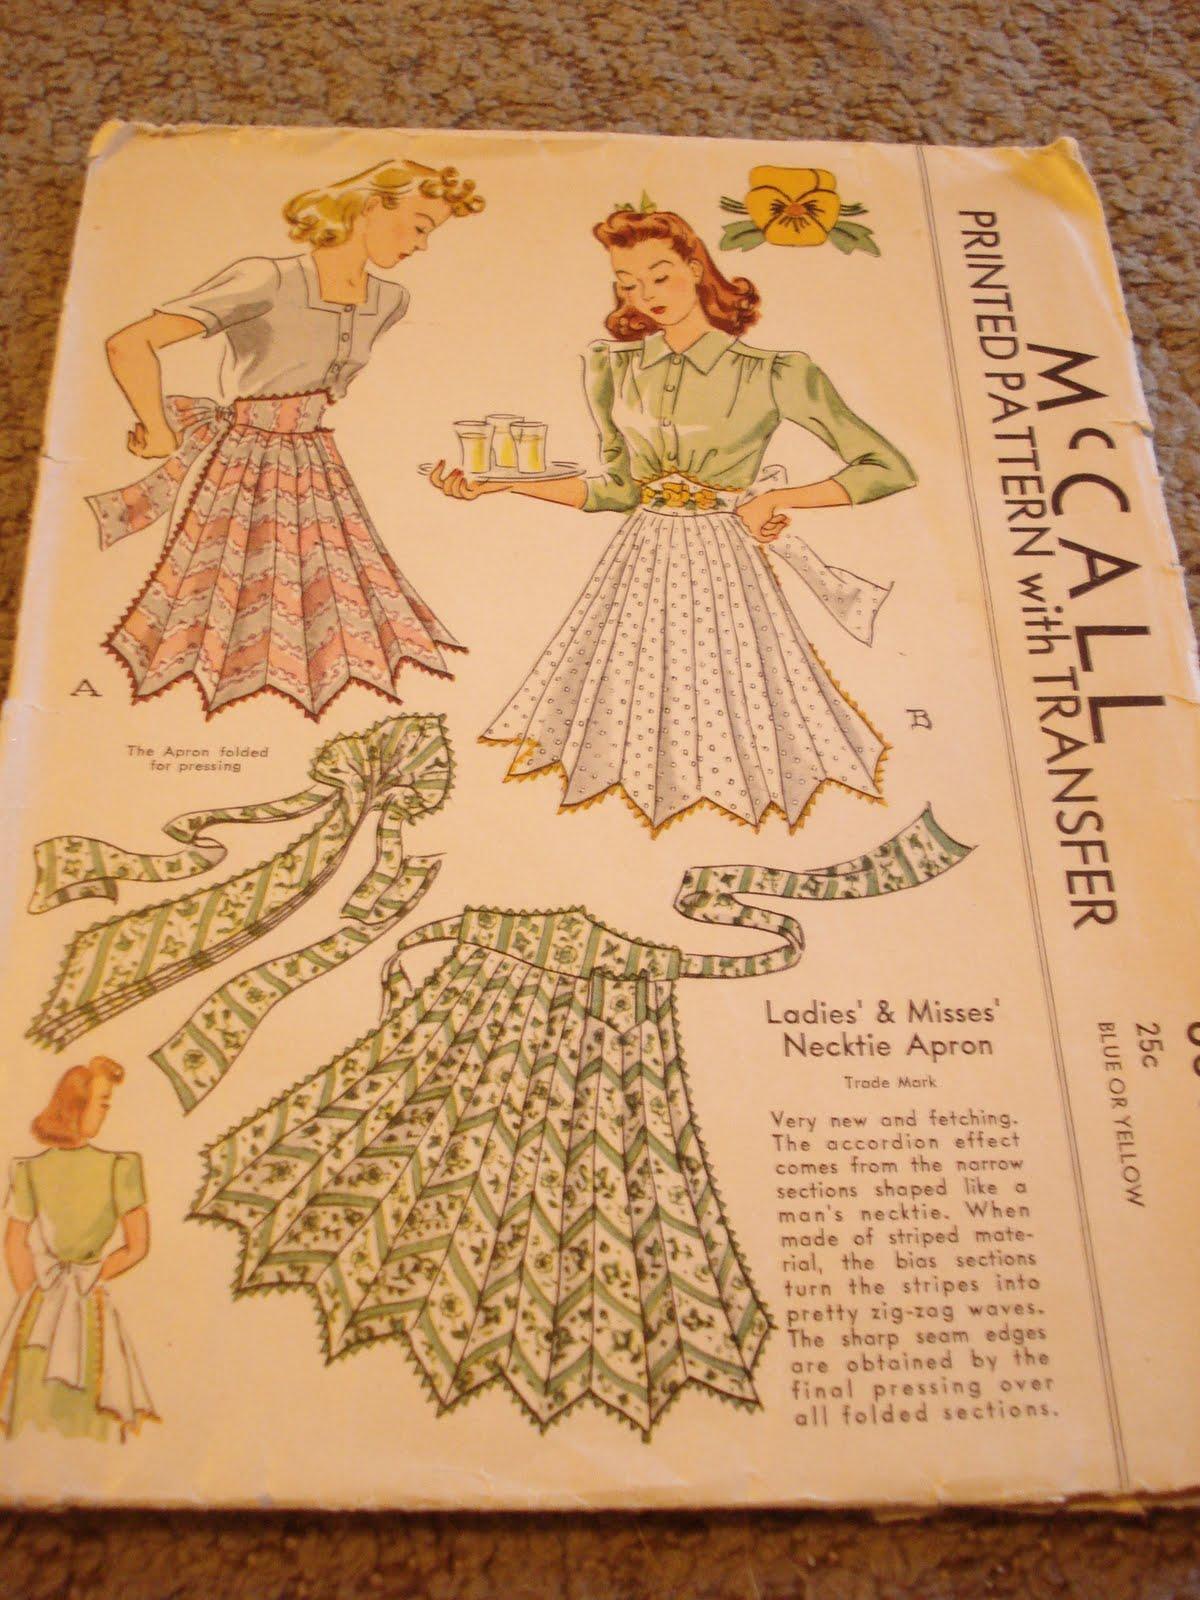 Vintage Apron Patterns Unique Inspiration Design